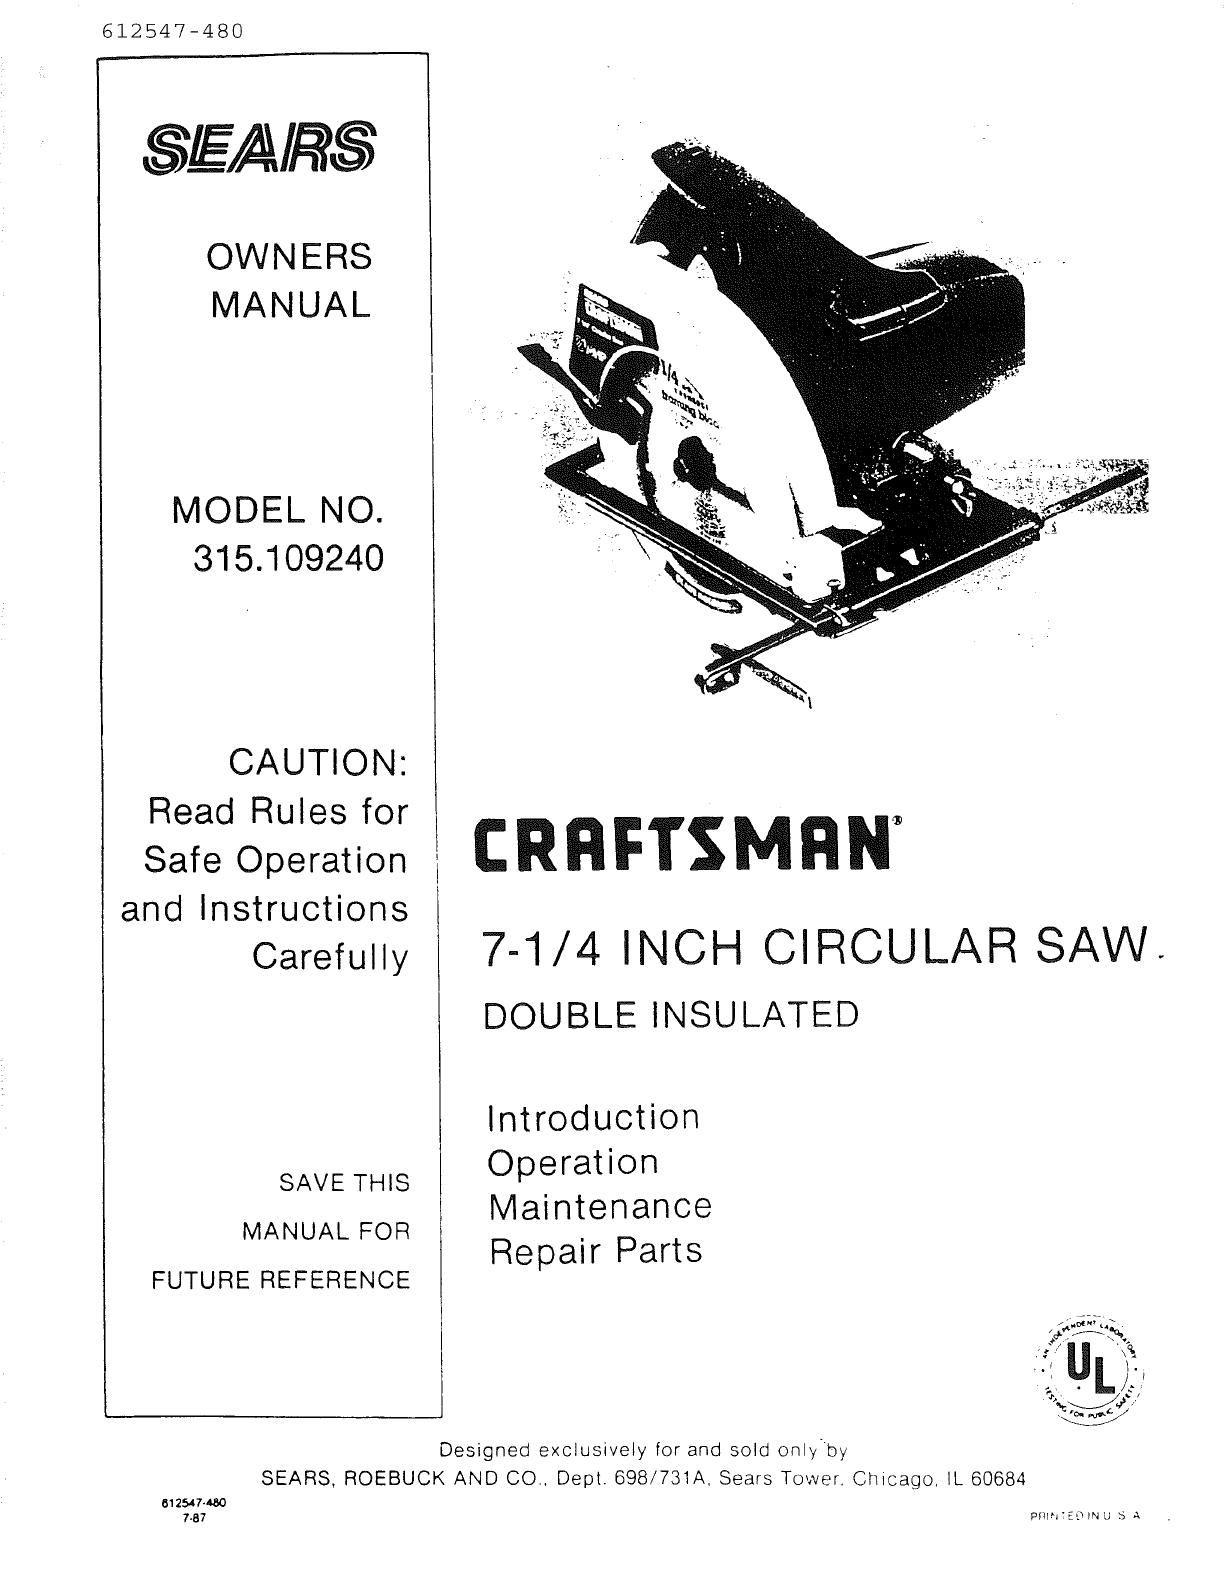 Skil 7 4 In Circular Saw Manual Guide